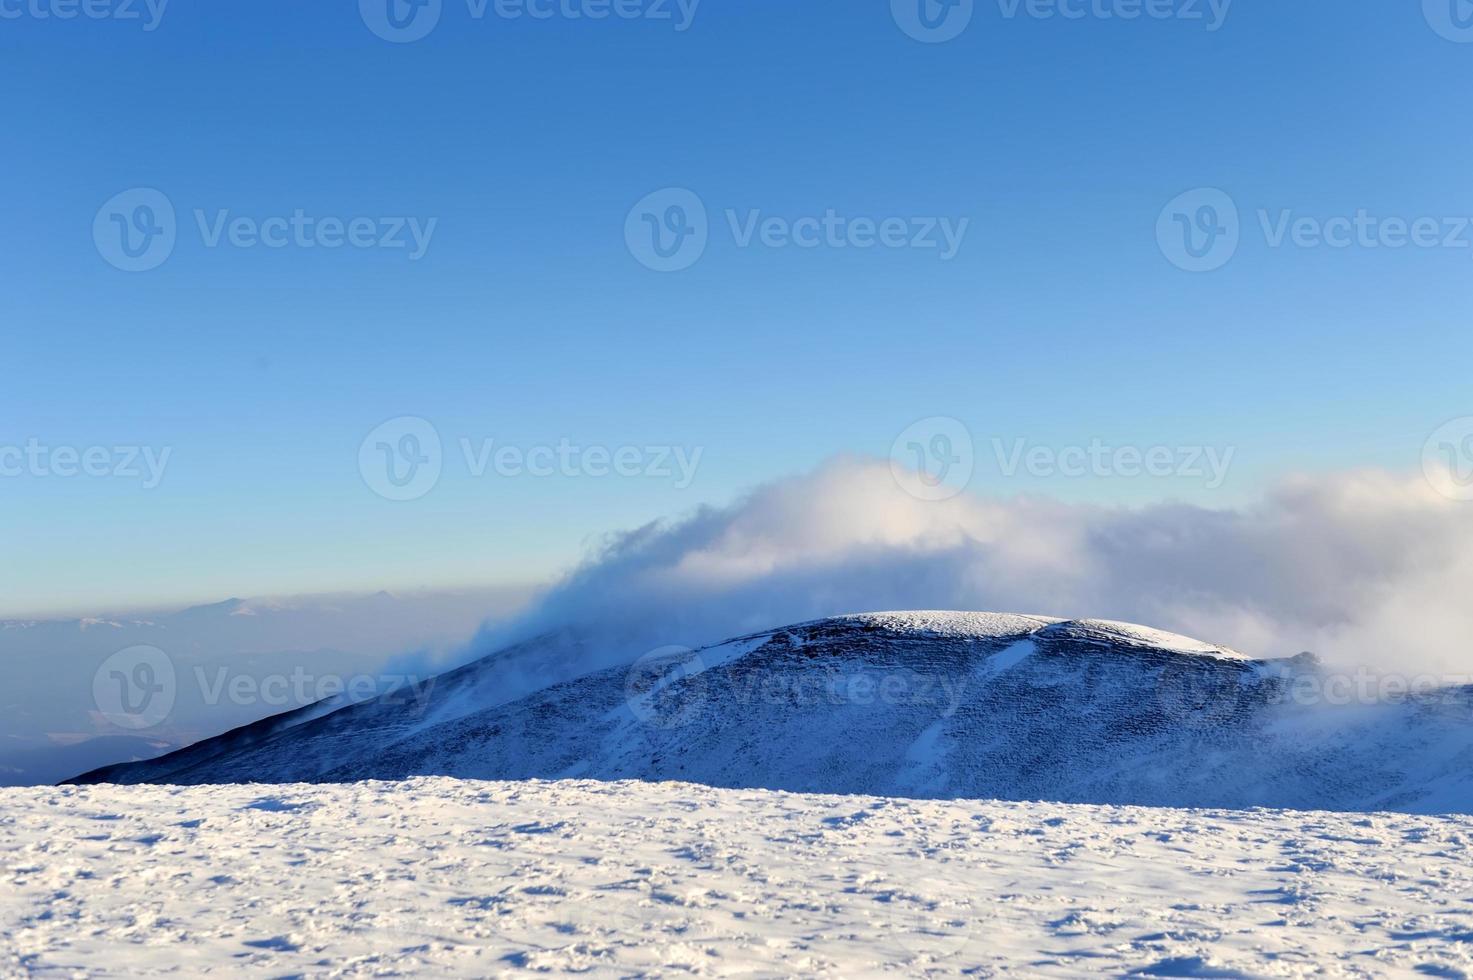 prachtig winterlandschap foto